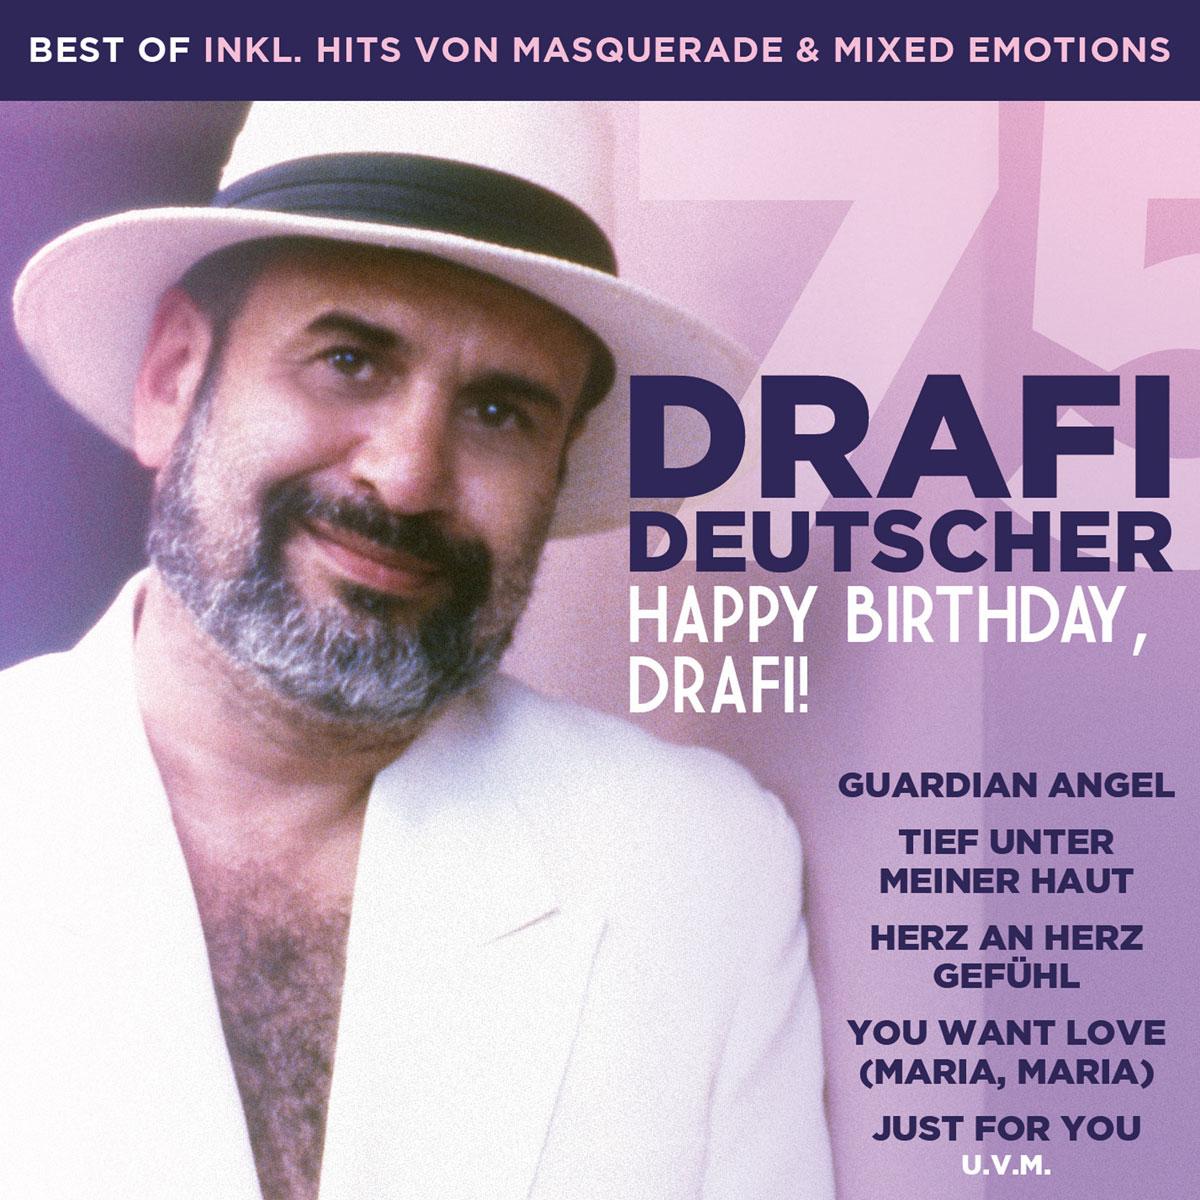 DEUTSCHER, DRAFI - HAPPY BIRTHDAY, DRAFI